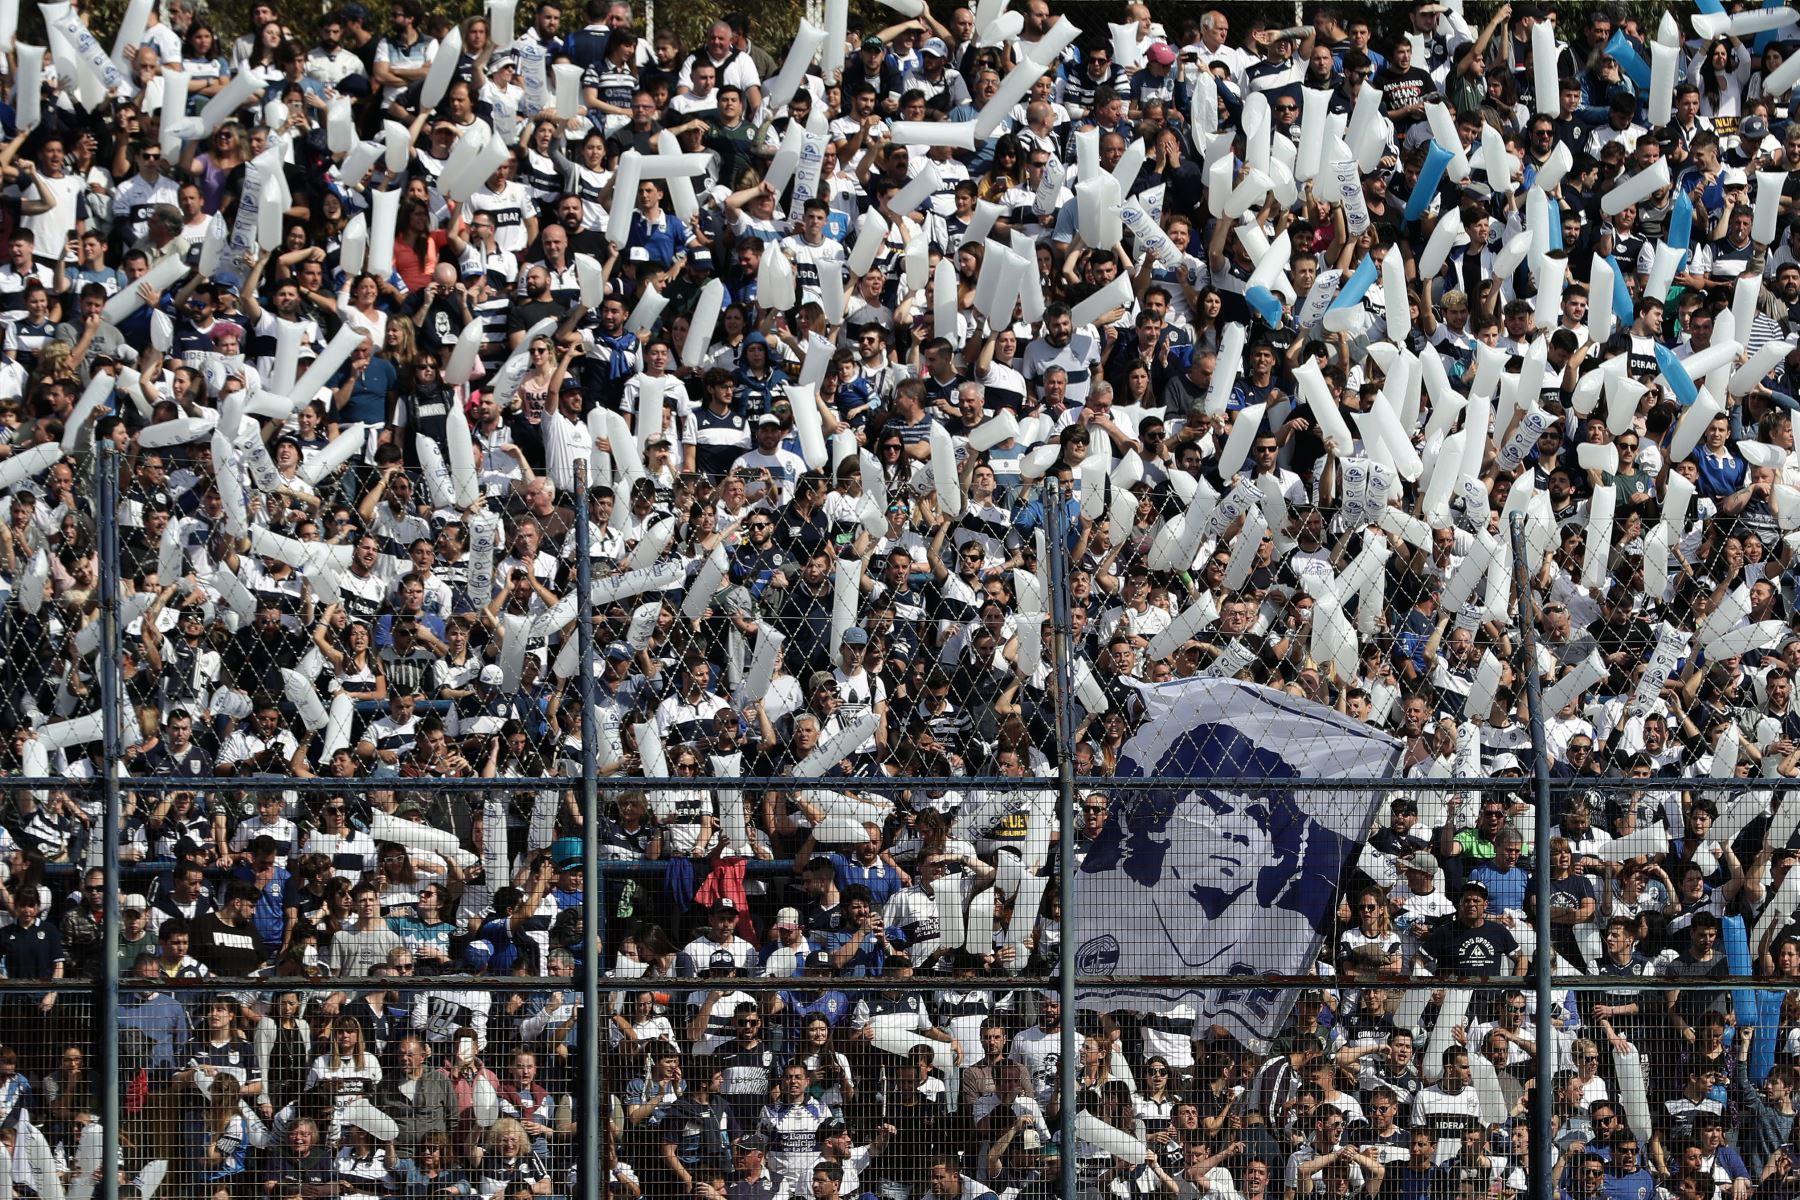 Los partidarios de Gimnasia y Esgrima La Plata animan a su equipo y a su nuevo entrenador, el ex estrella de fútbol argentino Diego Armando Maradona, antes del inicio de su partido de fútbol de la Superliga de Primera División de Argentina contra el Racing CluB. Foto: AFP